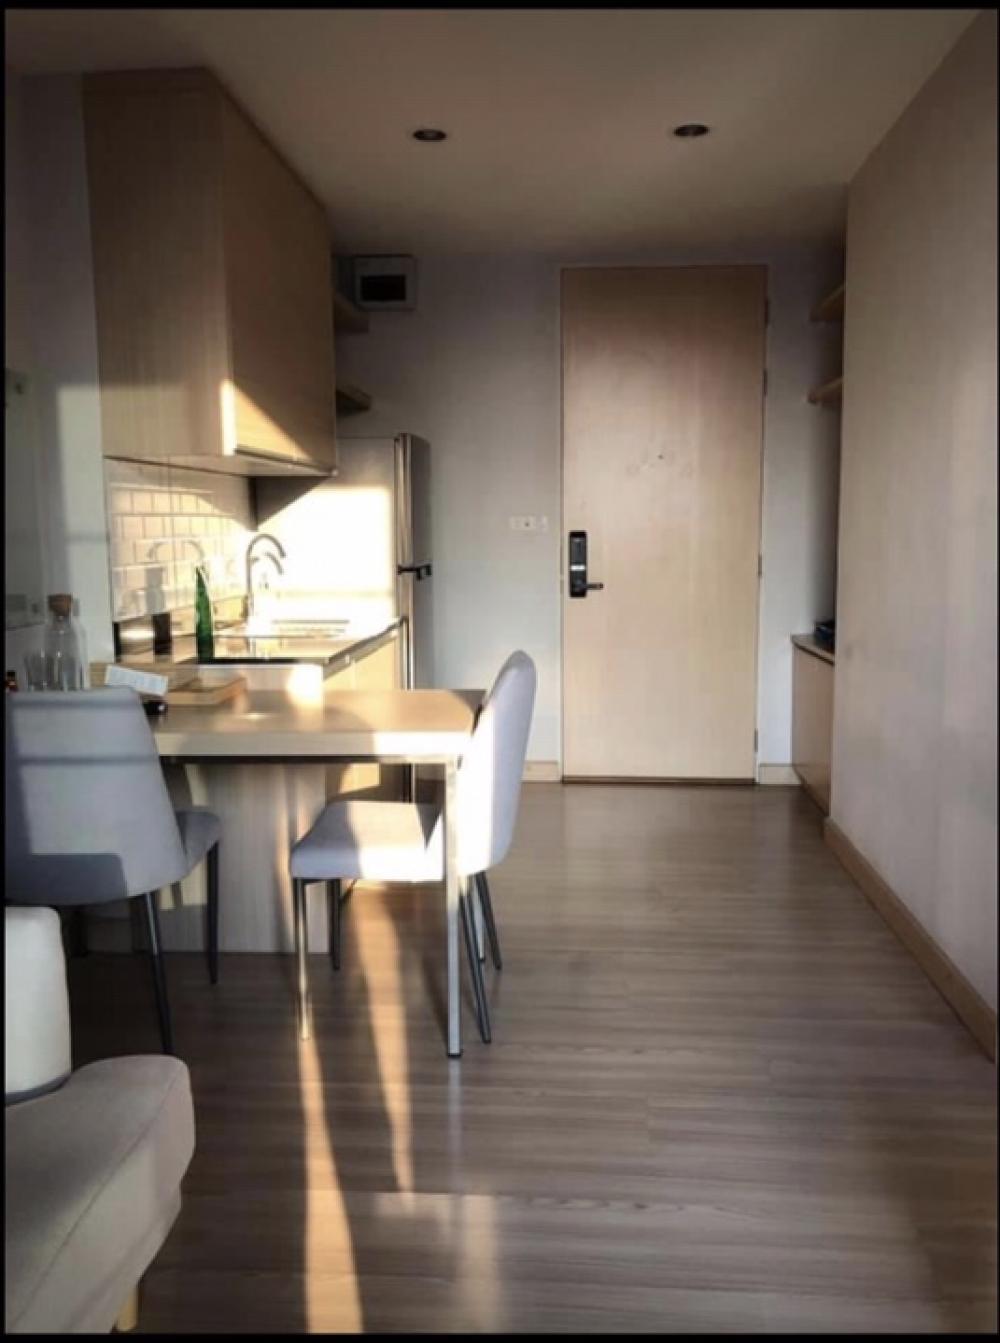 เช่าคอนโดลาดพร้าว71 โชคชัย4 : NC-R711📍เช่า I ZEN CONDO ห้องปรับปรุงใหม่ สไตล์มินิมอลชั้น 5 ขนาด 33 ตรม.1 ห้องนอน 1 ห้องน้ำ เคาน์เตอร์ครัว(เป็นสัดส่วน)เฟอร์นิเจอร์บิวอิน : ครบพร้อมอยู่